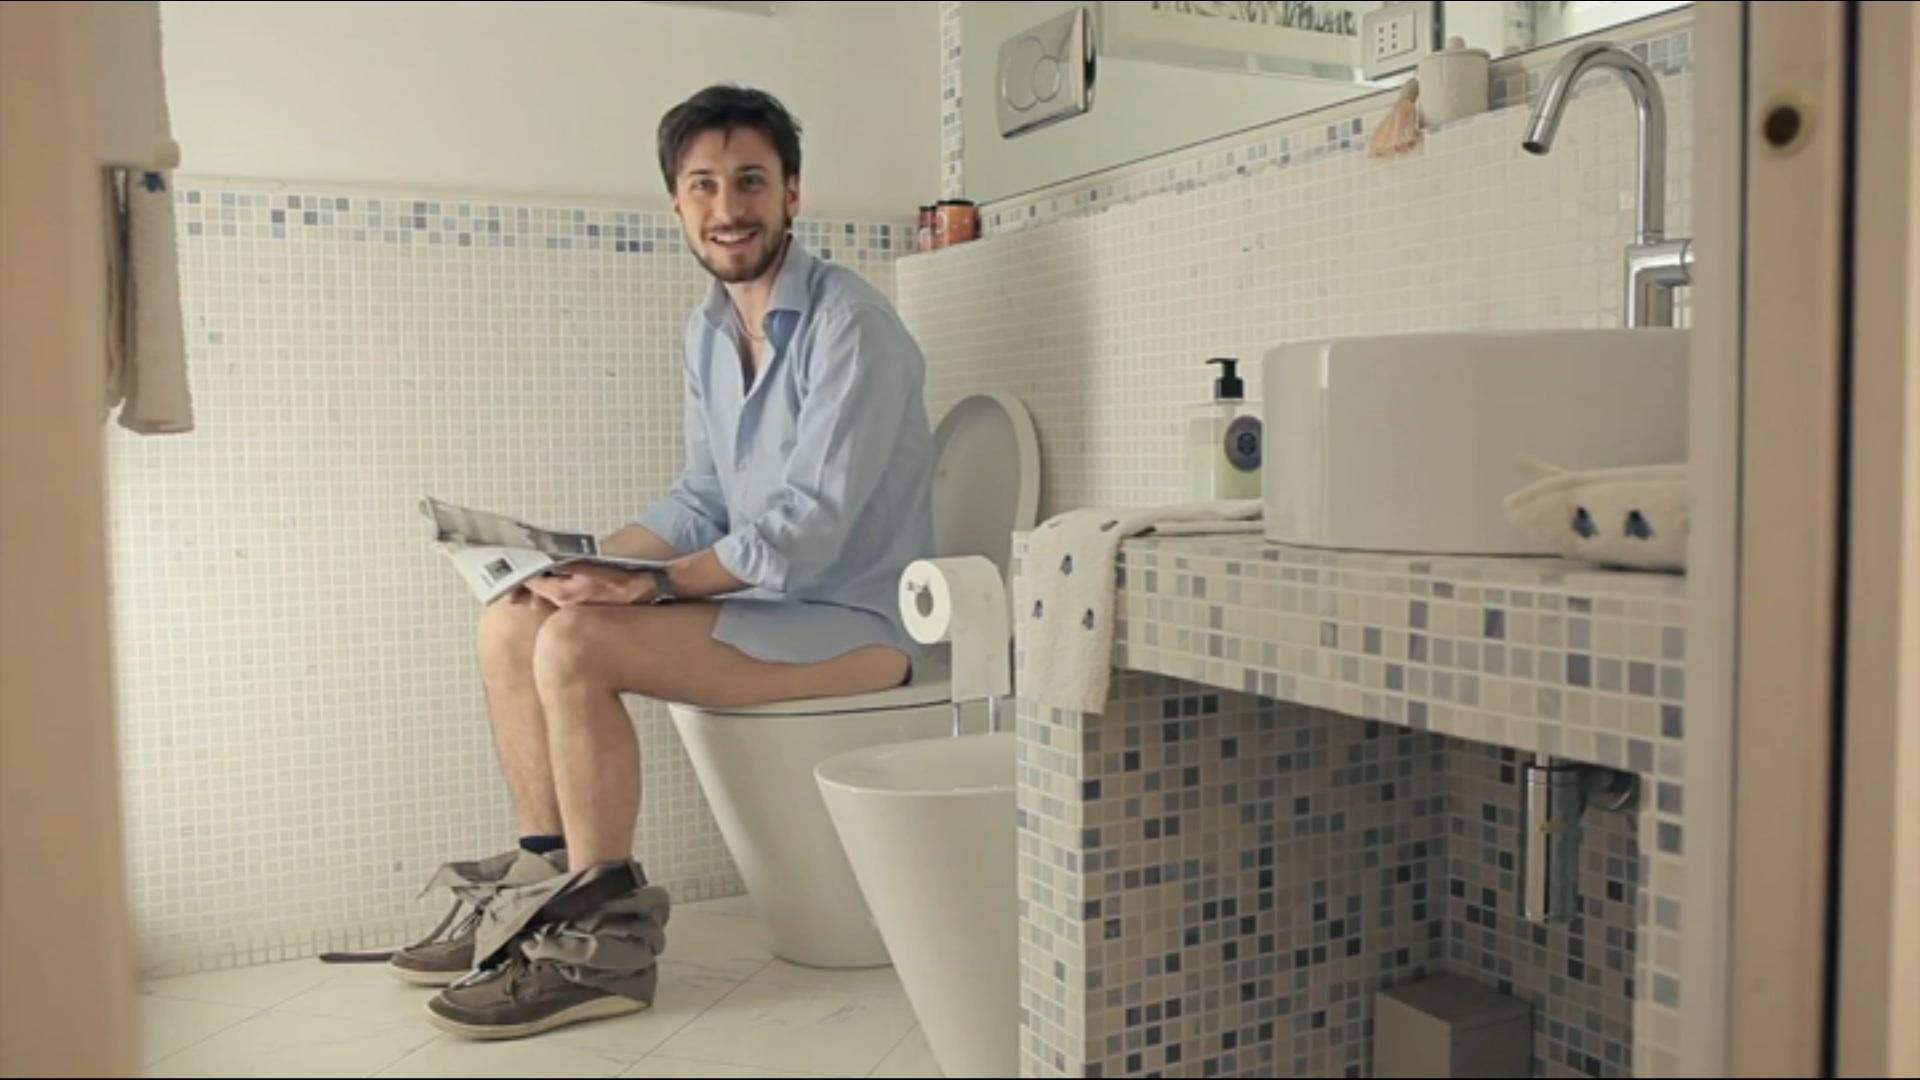 Nasce airwnc la prima applicazione per fare la cacca ovunque ti trovi genialit o follia - Donne che vanno in bagno a cagare ...